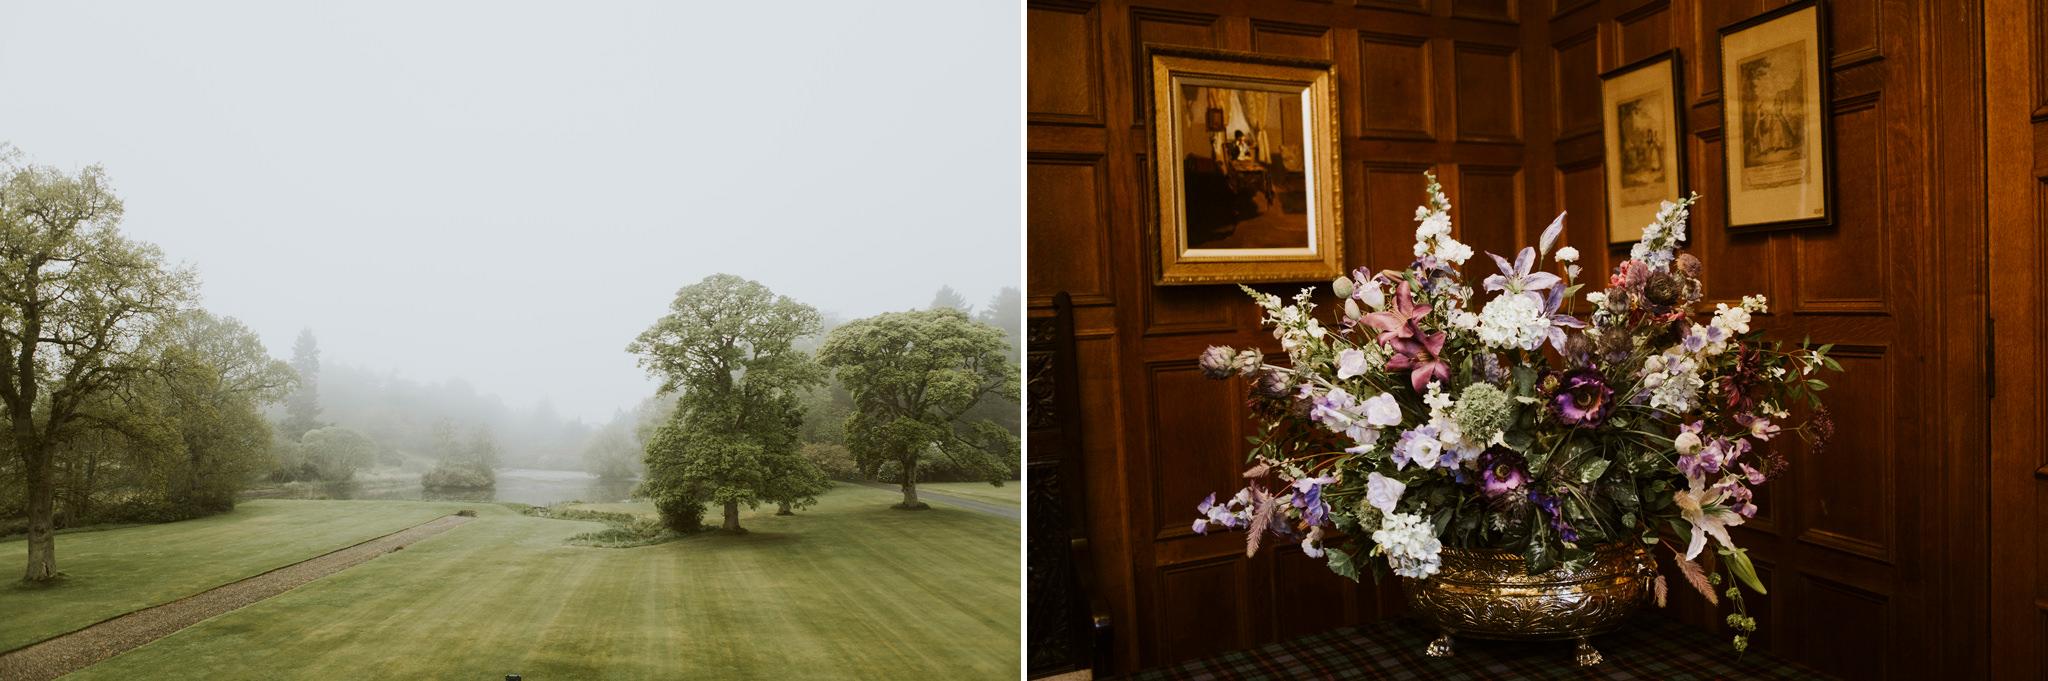 scotland-wedding-elopement-photographer-002.jpg